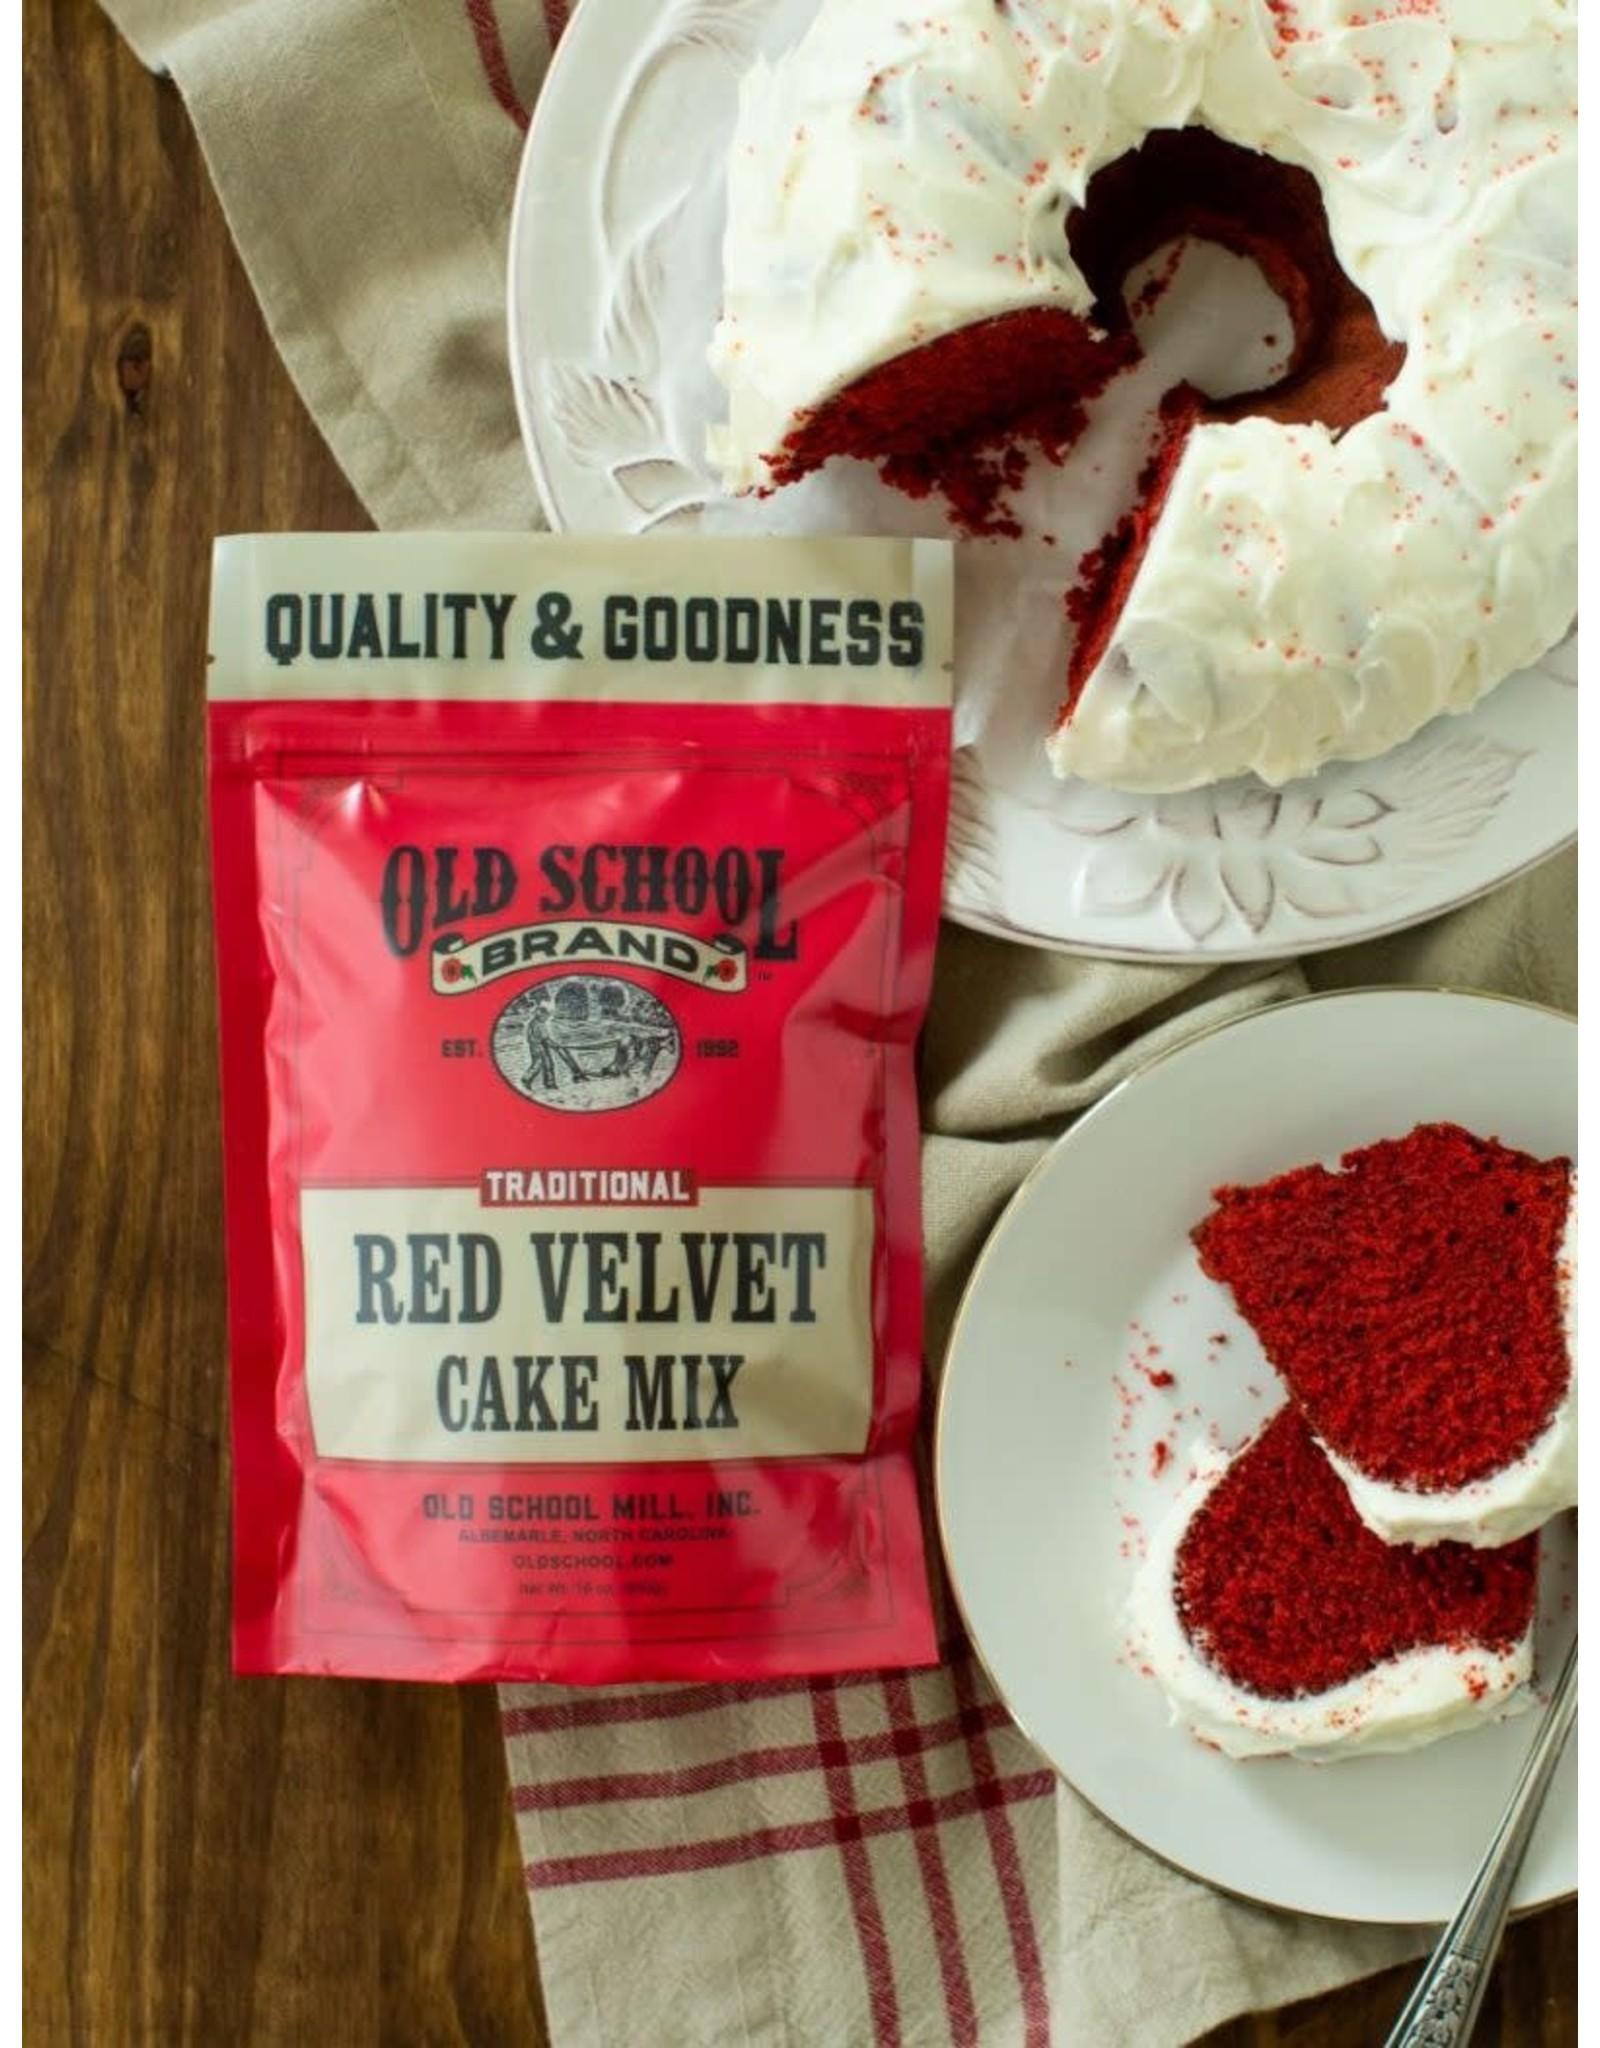 Old School RED VELVET CAKE MIX